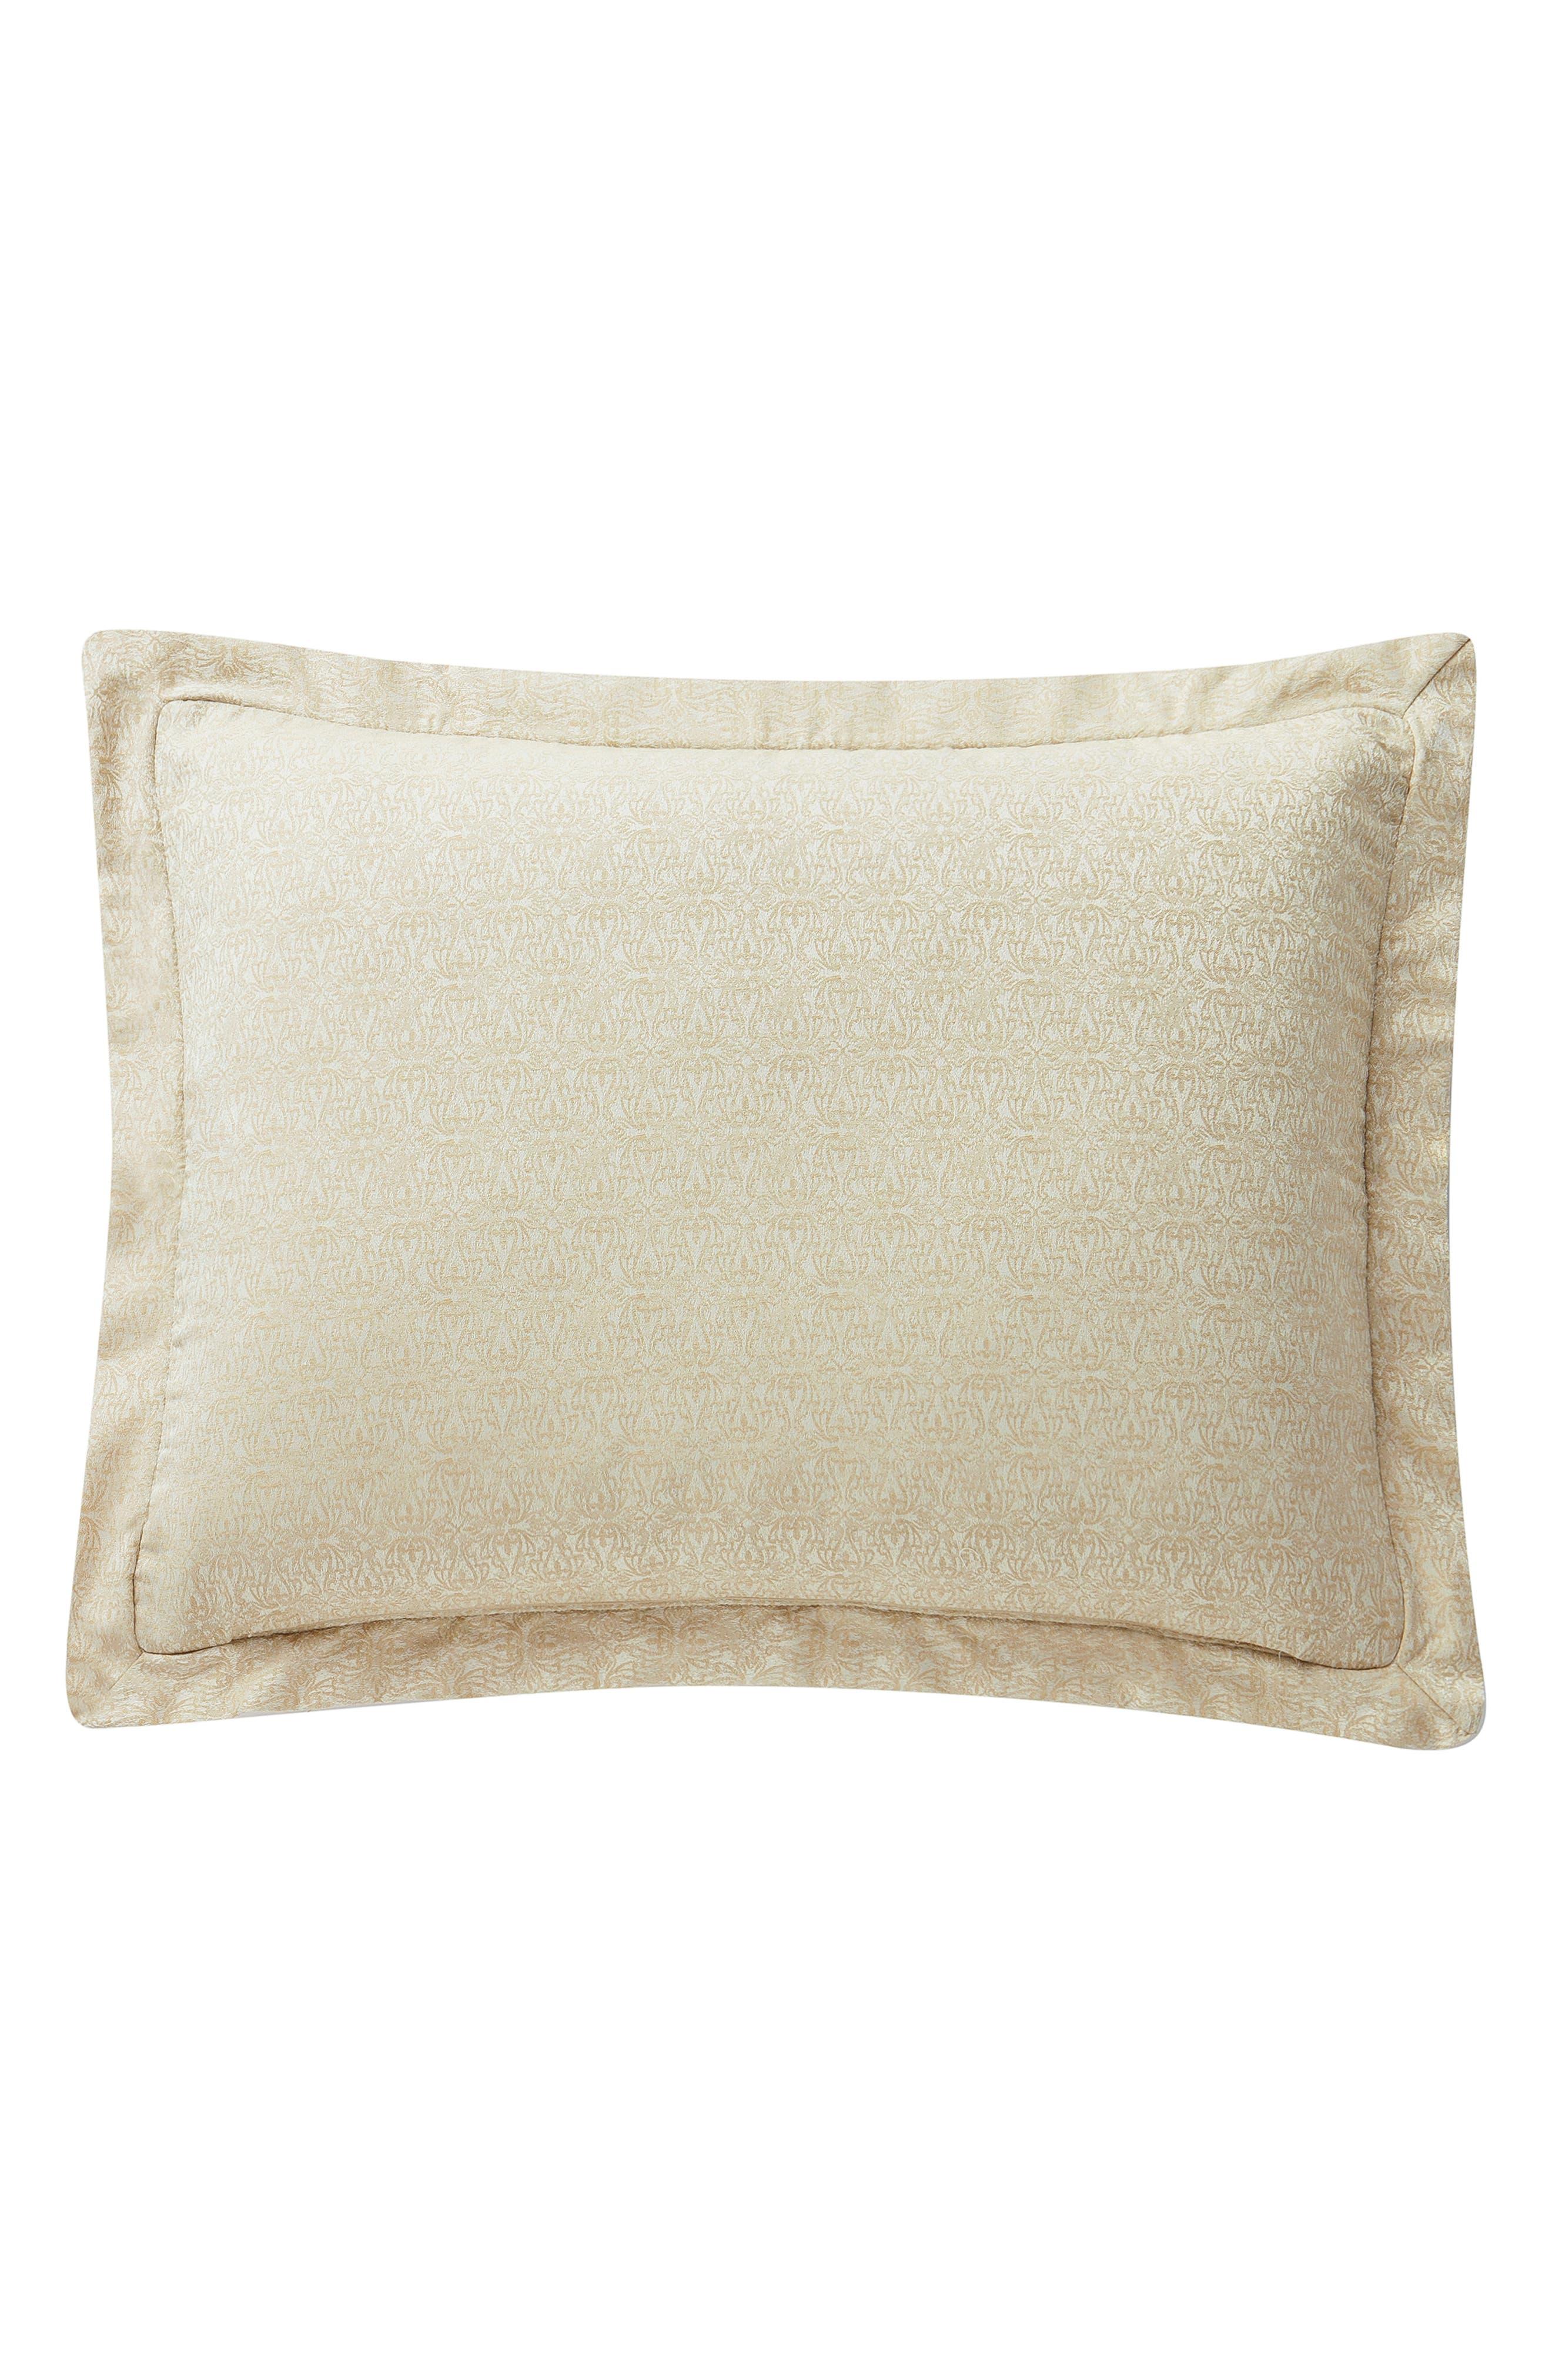 Annalise Reversible Comforter, Sham & Bed Skirt Set,                             Alternate thumbnail 8, color,                             GOLD